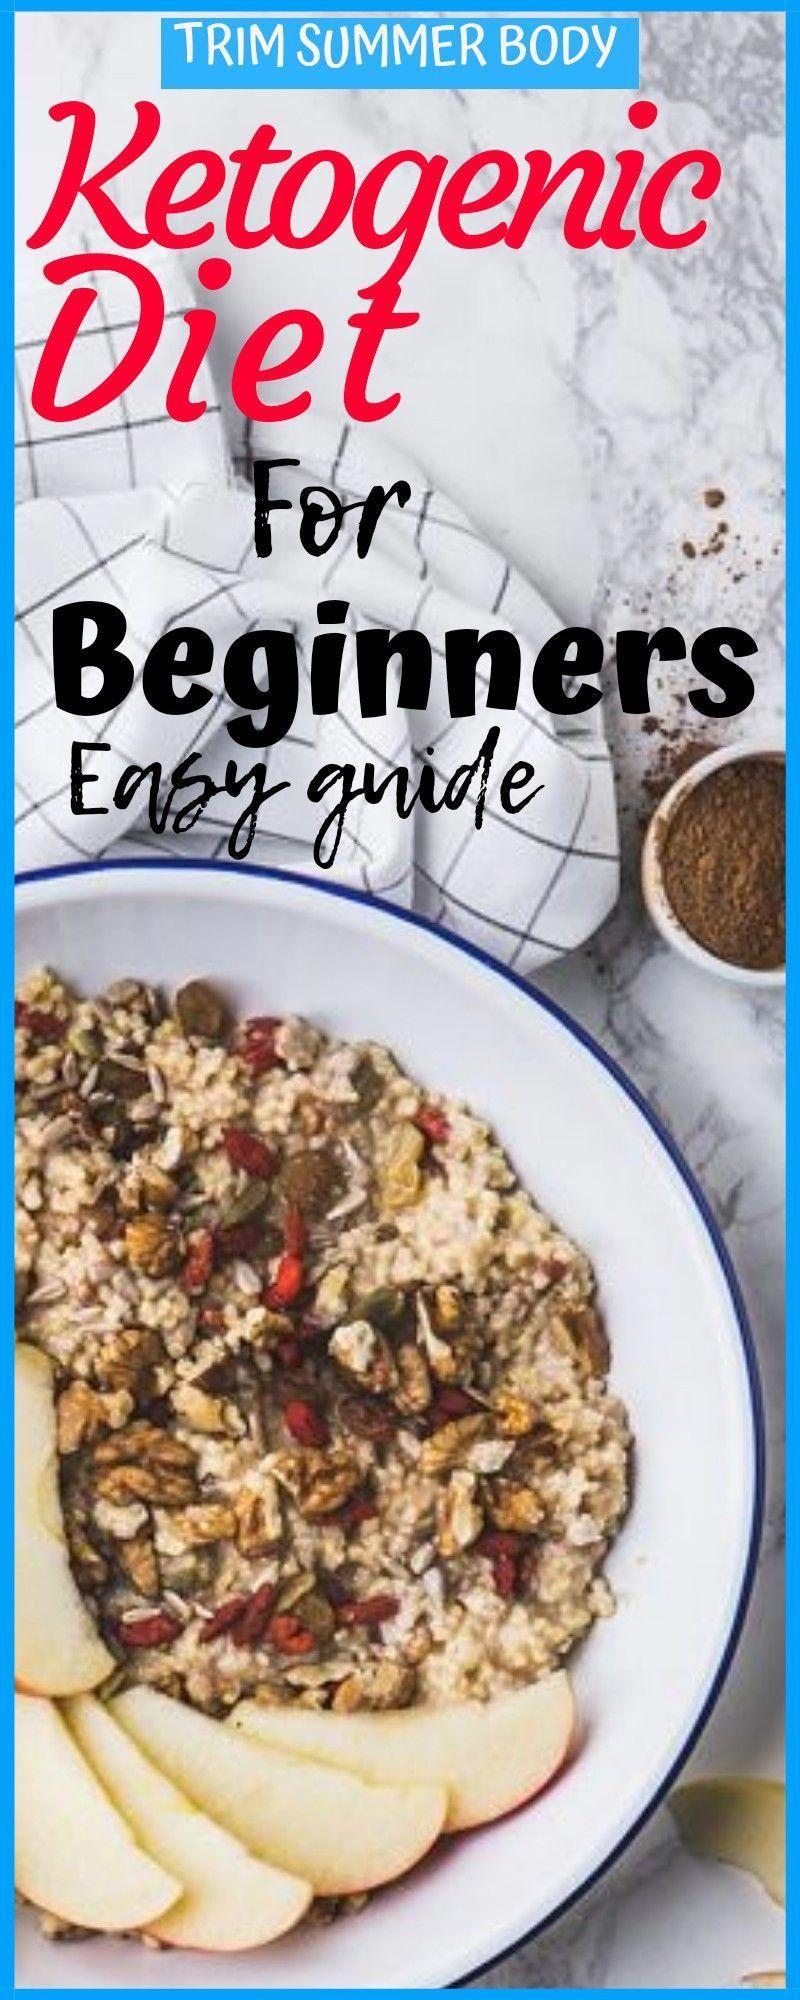 Ketogenic Diet For Beginners #health #fitness #nutrition #keto #diet #beginners #DietPlanForBeginner...